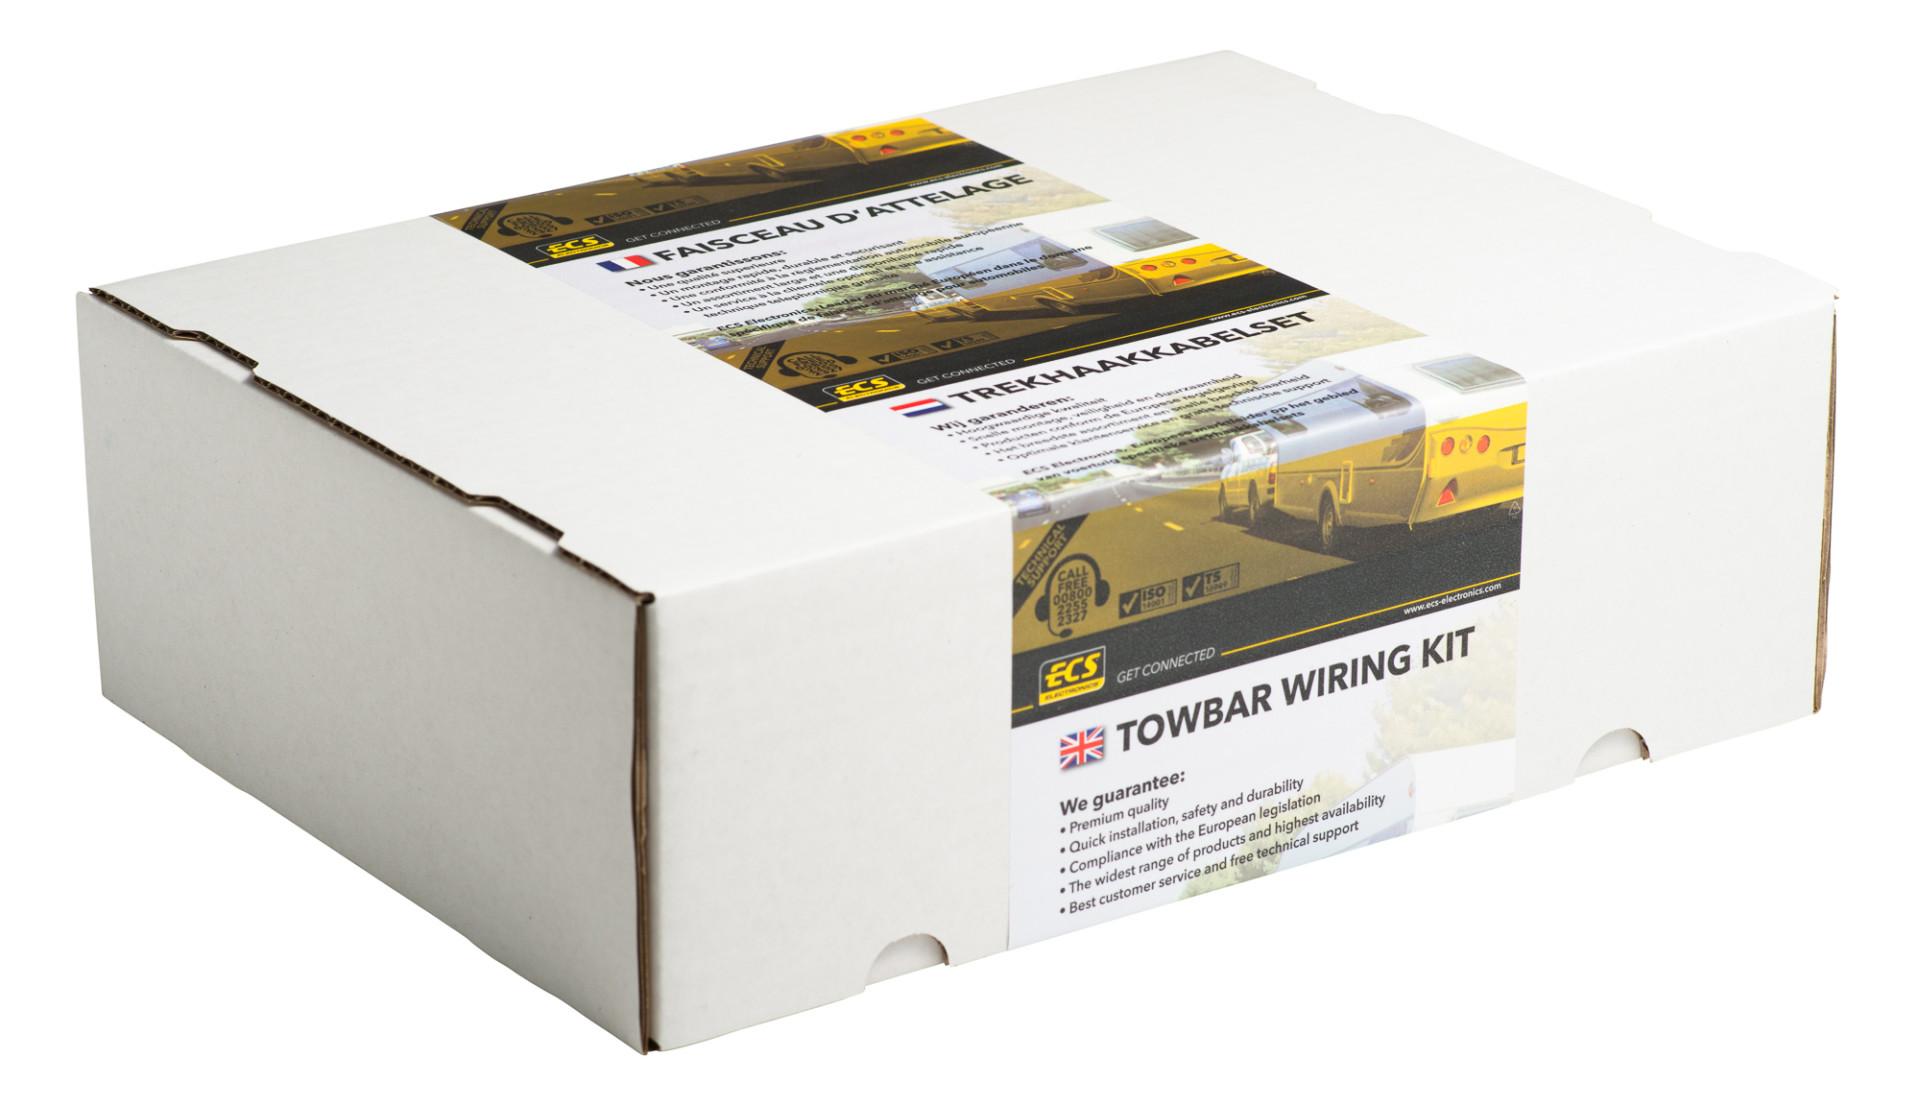 Towbar-wiring-kit-e-commerce